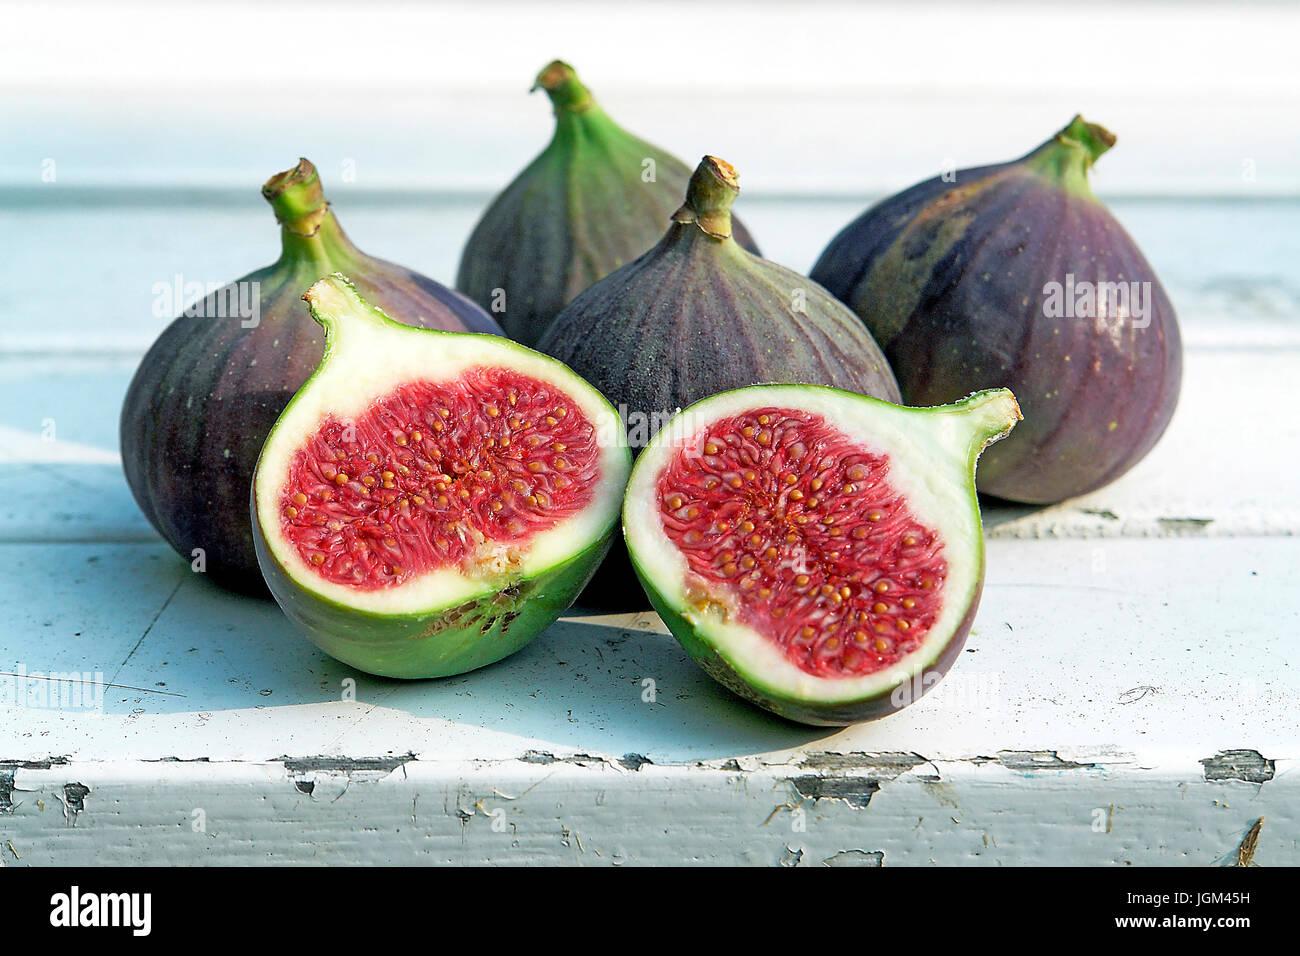 Frutas, frutas, frutas, Higos, higos, Stilllife, objeto, los objetos, el estudio de la admisión, el formato Imagen De Stock